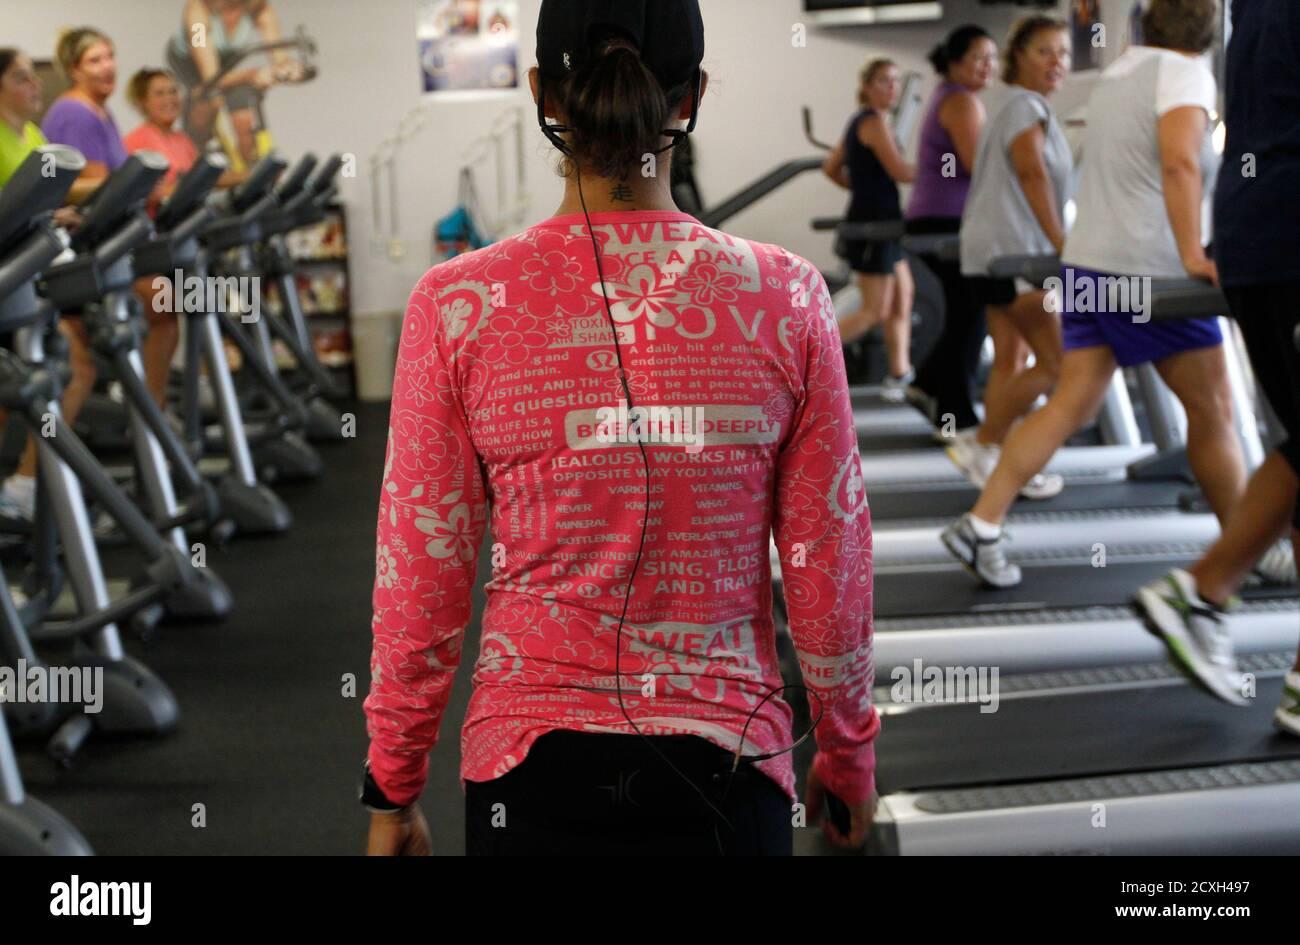 2010 trainer loser biggest 2010